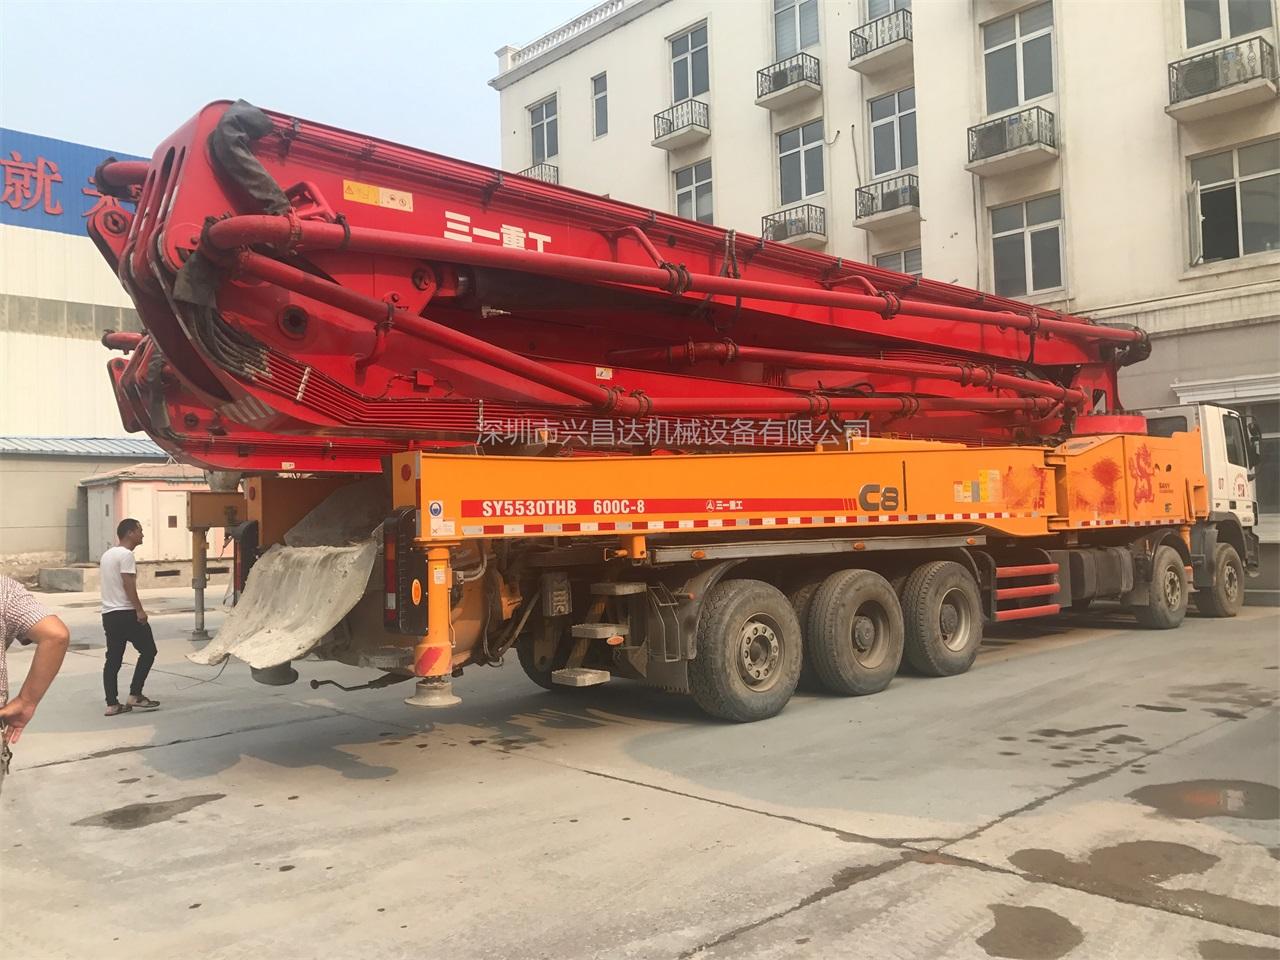 上一个: 2013年三一重工46米混凝土泵车 下一个: 2013年中联重科国四